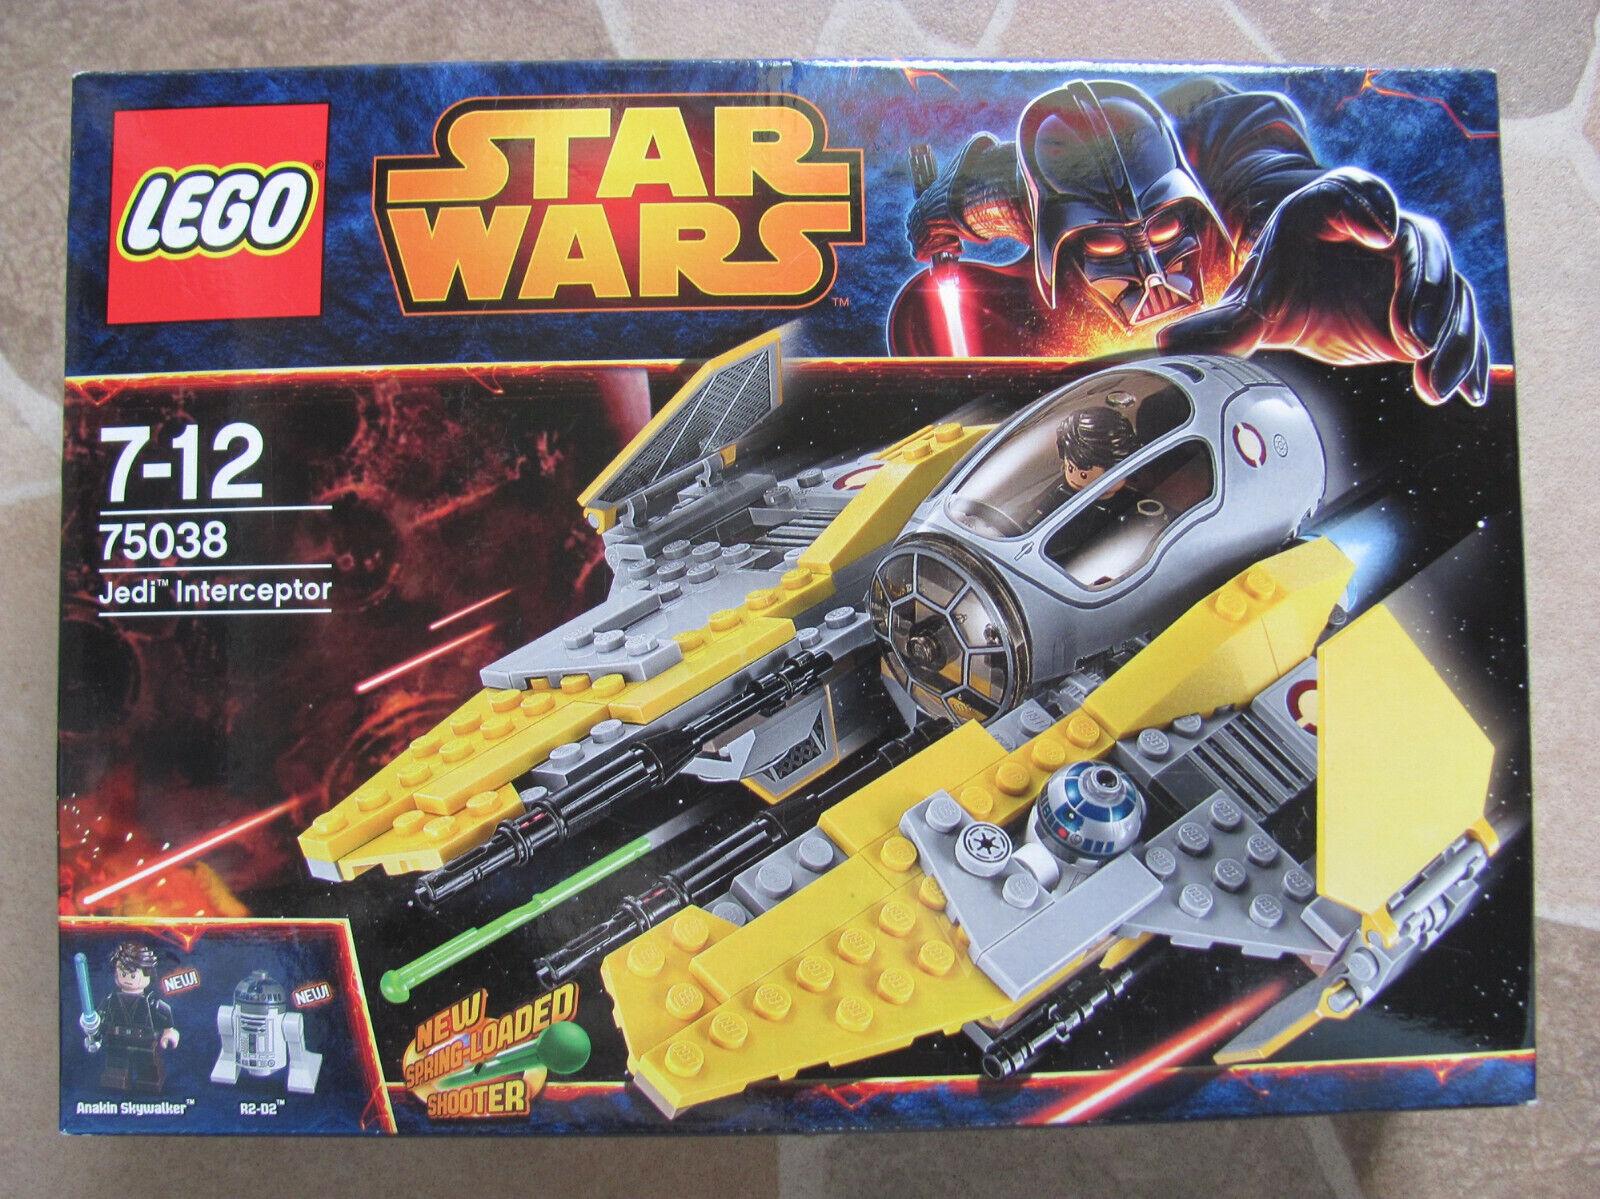 LEGO estrella guerras 75038 Jedi Interceptor NUOVO &  OVP     si affrettò a vedere